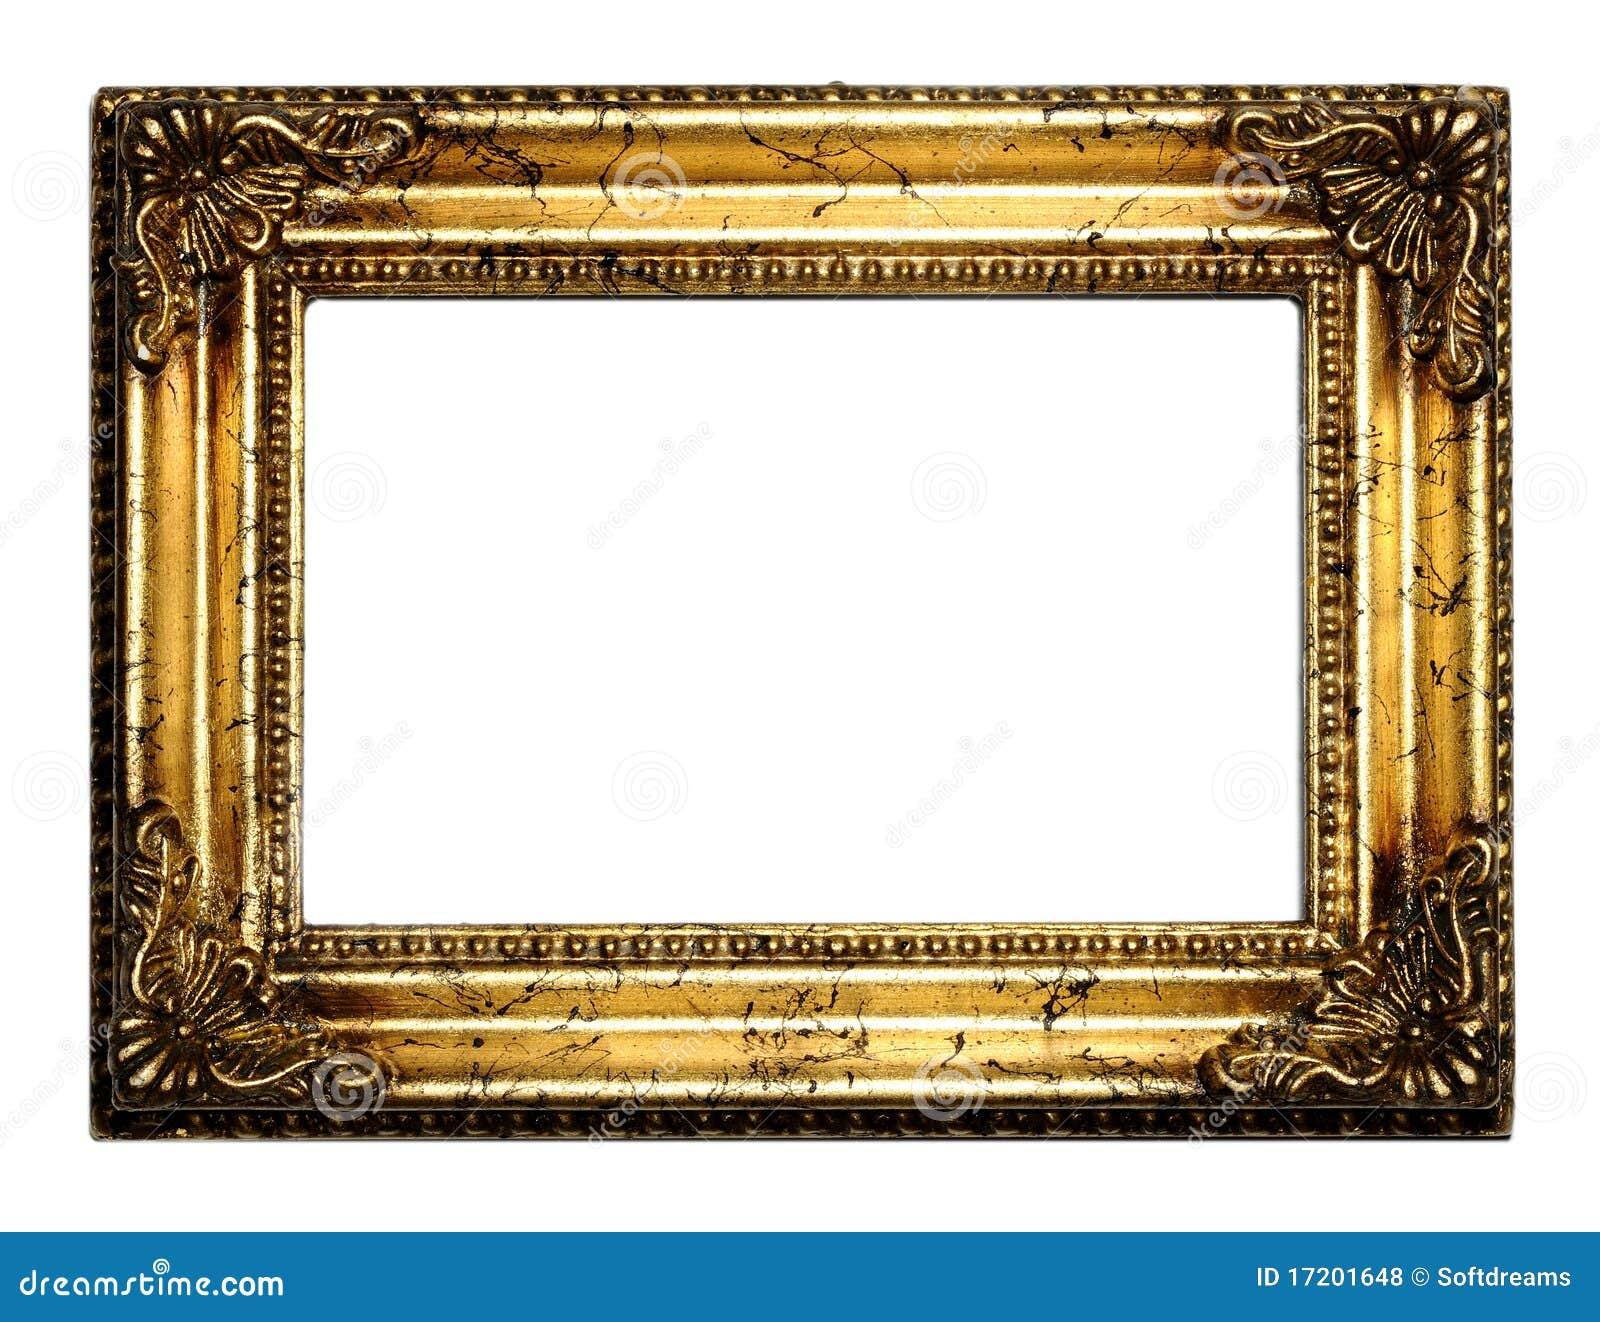 Gold Border Frame Png